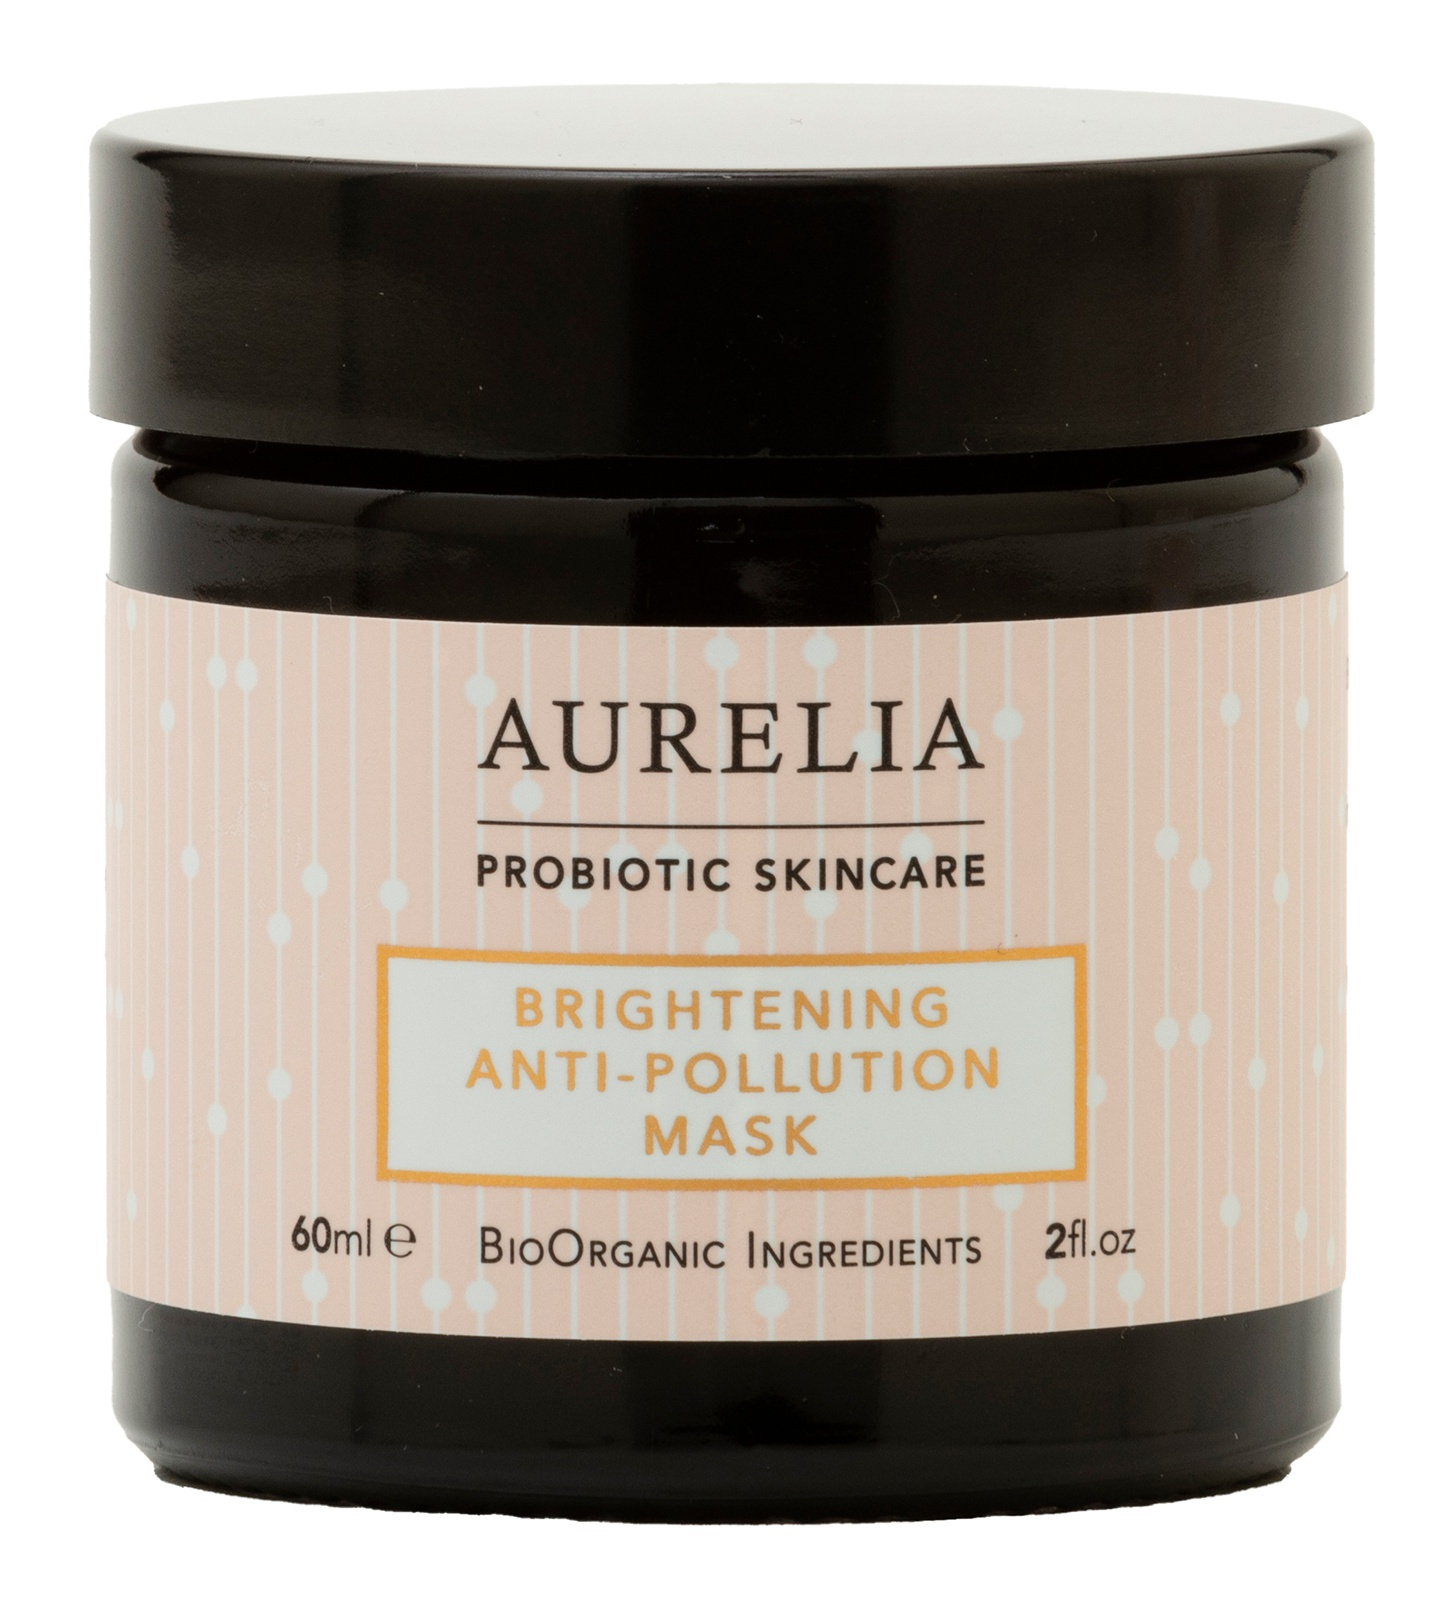 Aurelia Probiotic Skincare Brightening Anti-Pollution Mask